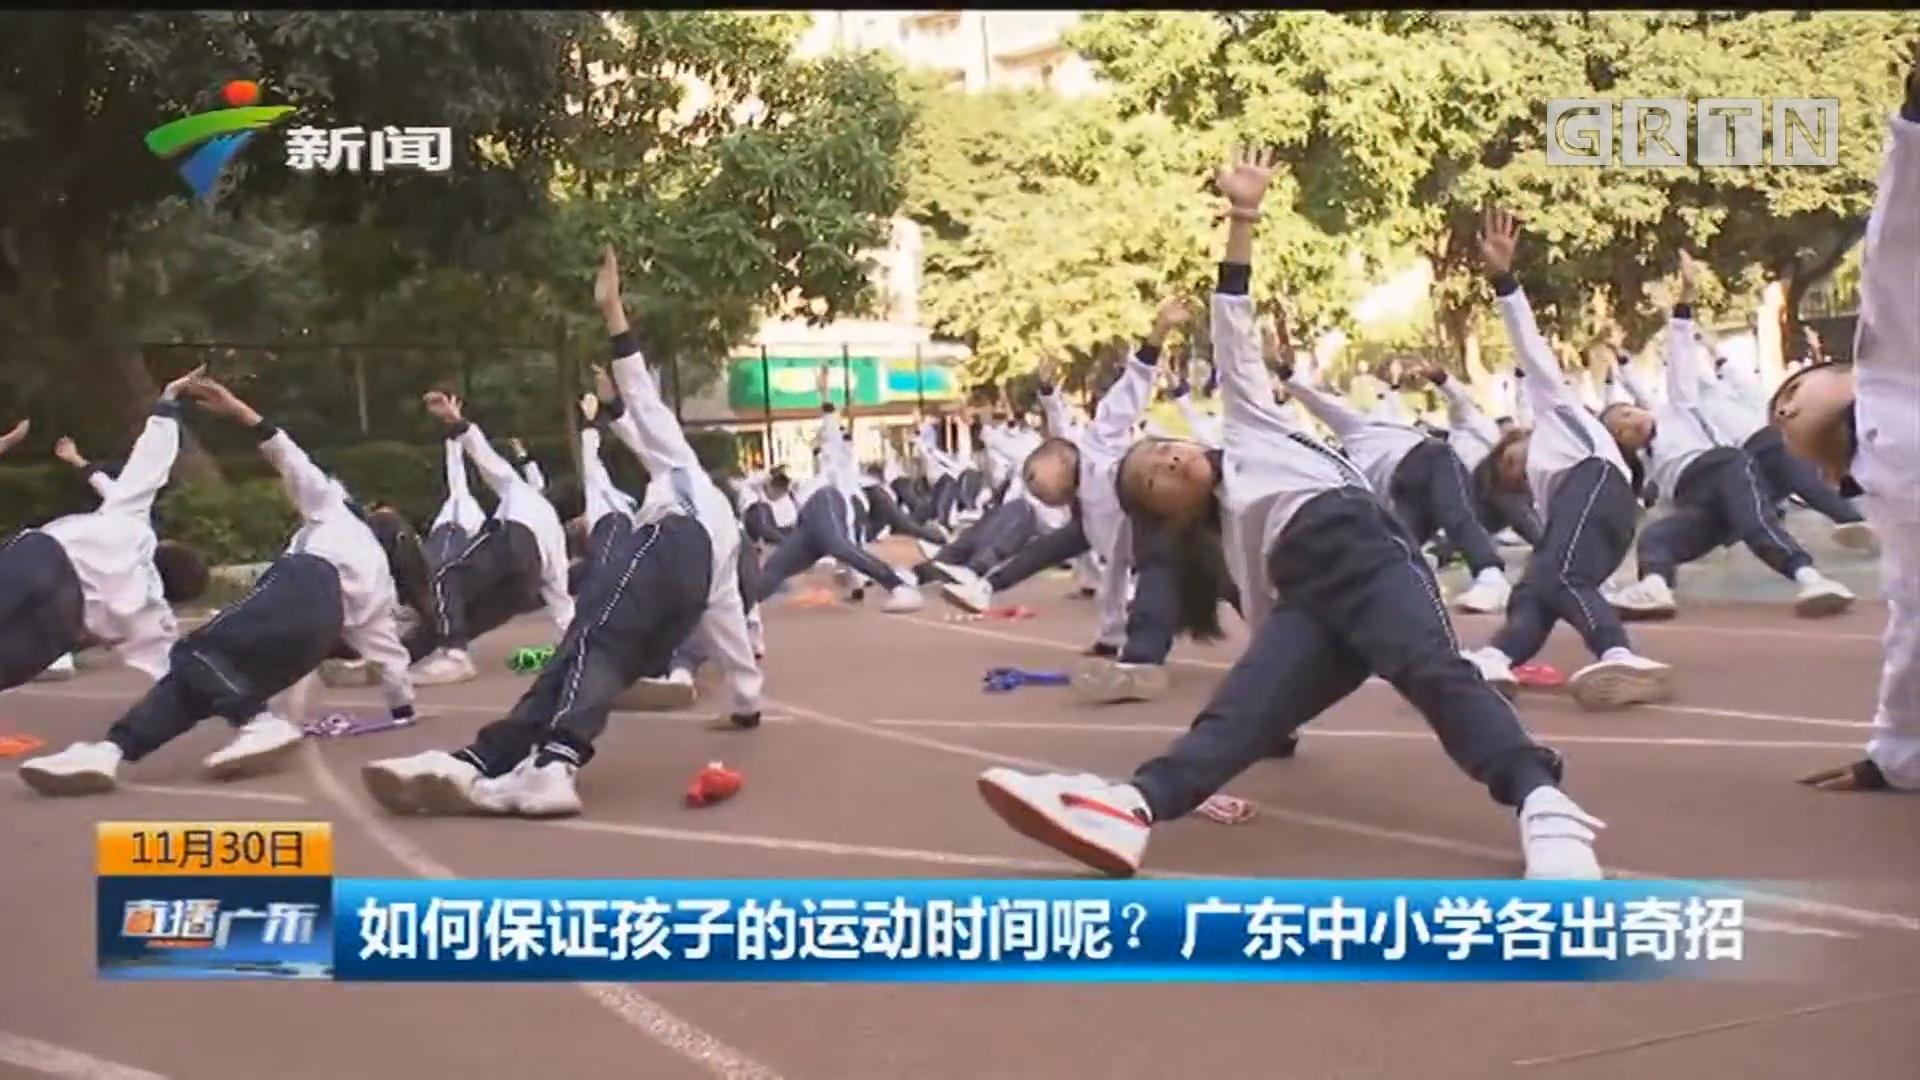 如何保证孩子的运动时间呢?广东中小学各出奇招